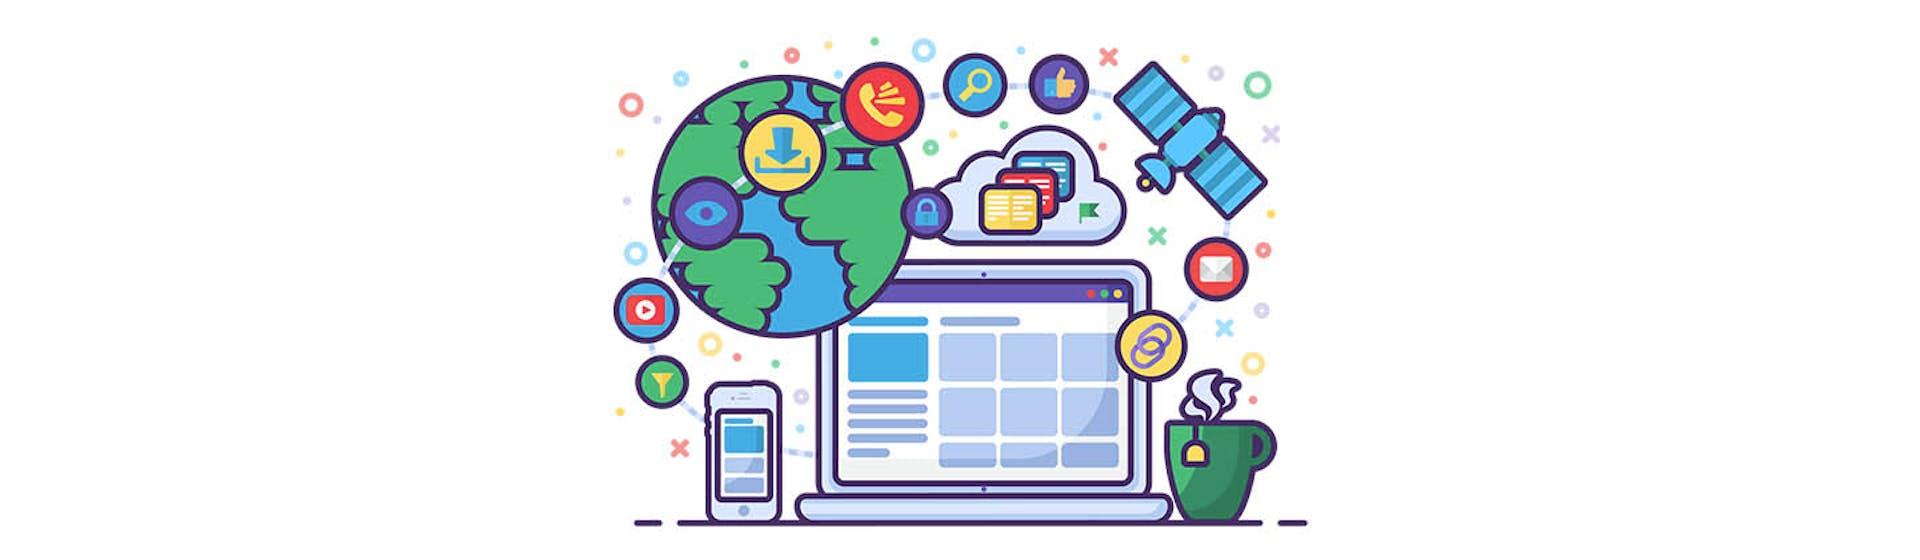 Comprende qué son los dominios web, ¡que tu identidad en internet sea única!